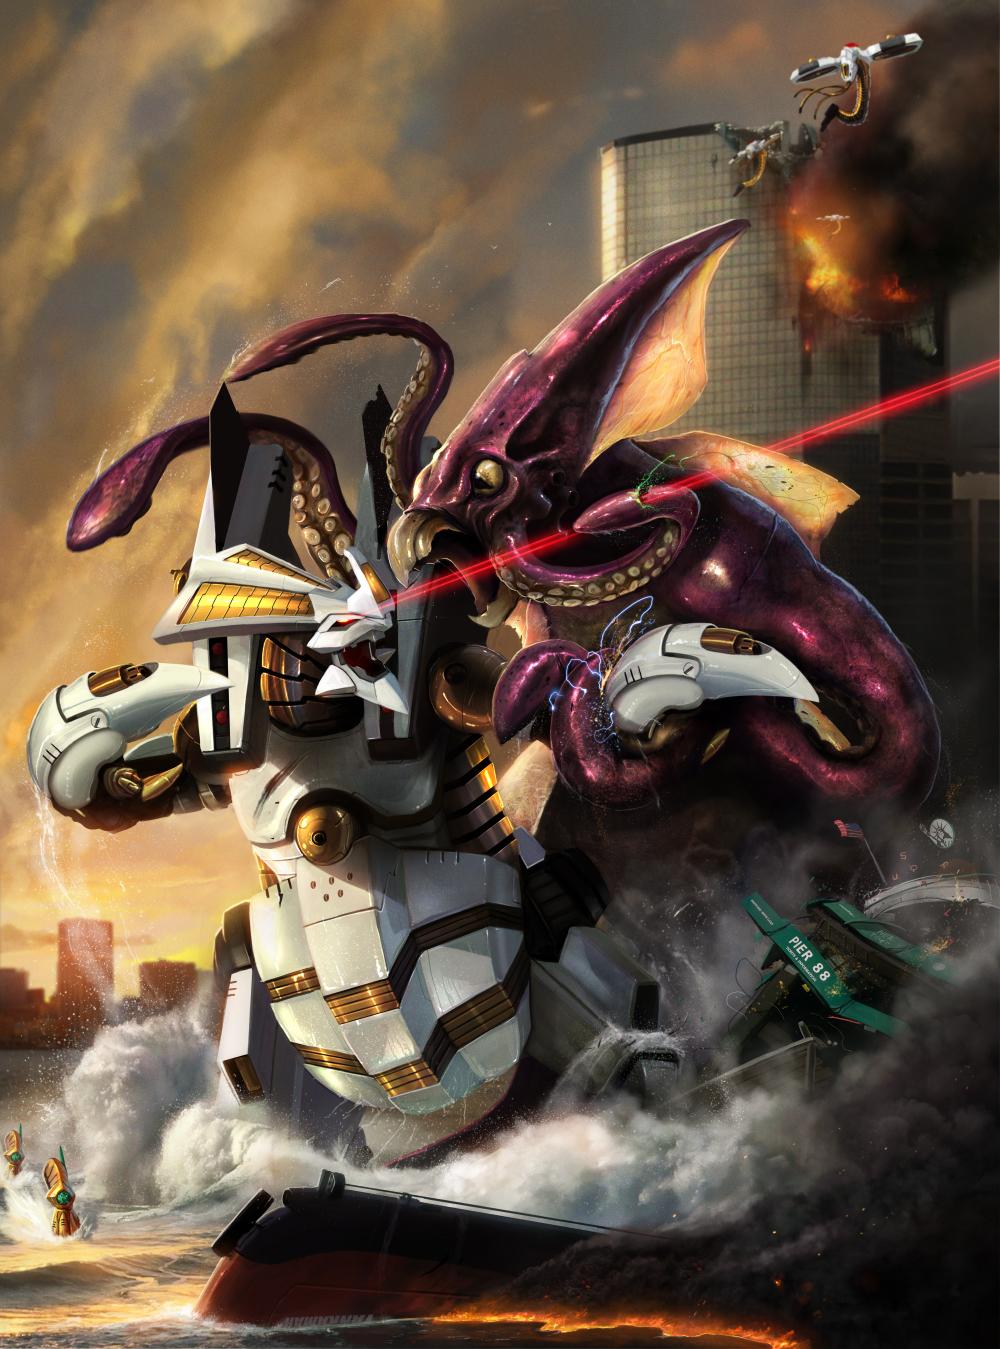 Dino Robot vs Kraken -